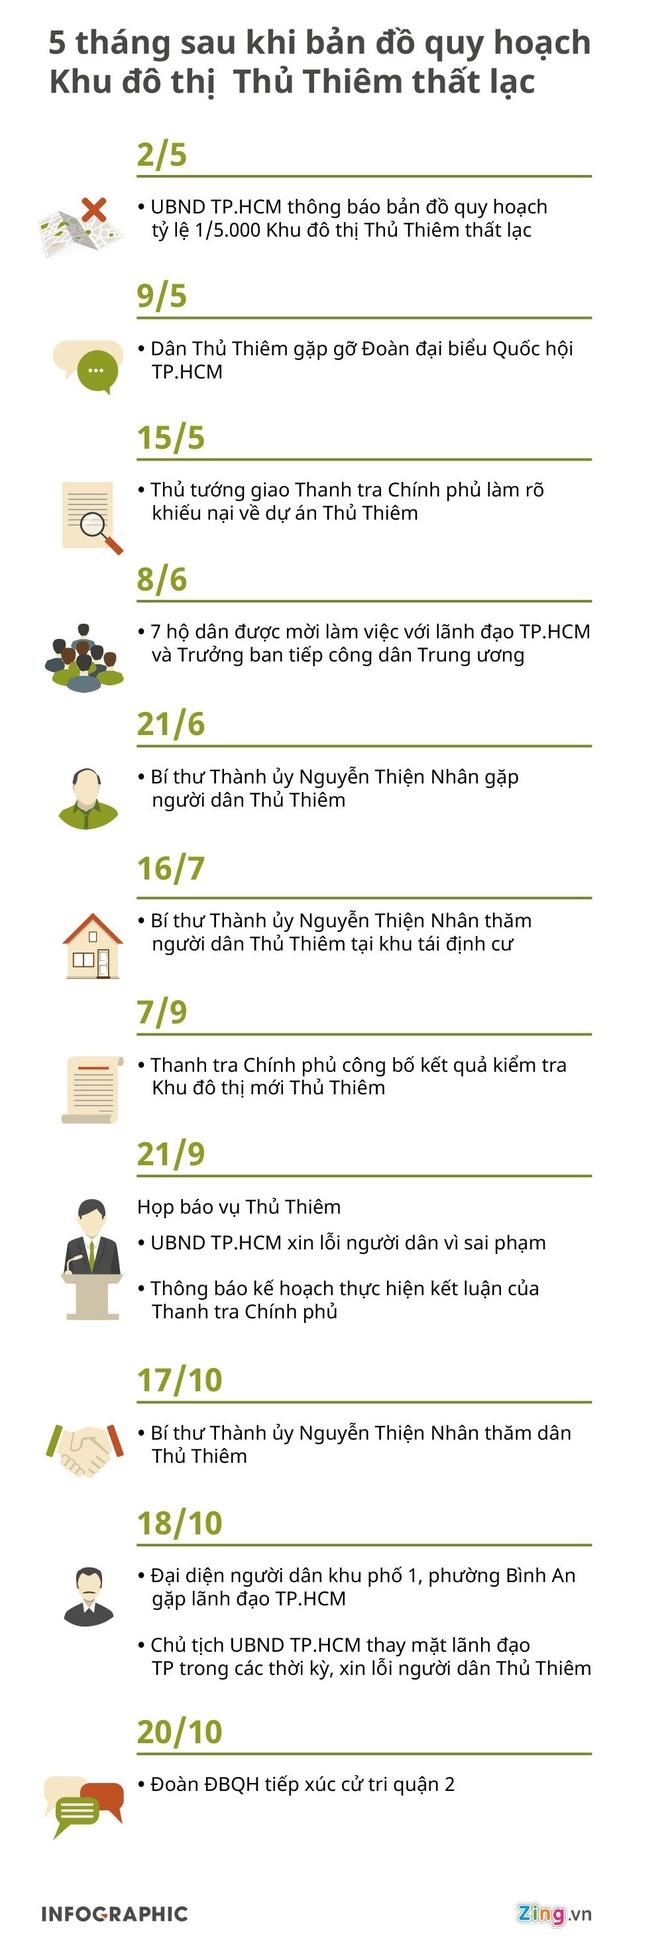 Chu tich TP.HCM tiep tuc gap nguoi dan Thu Thiem hinh anh 4